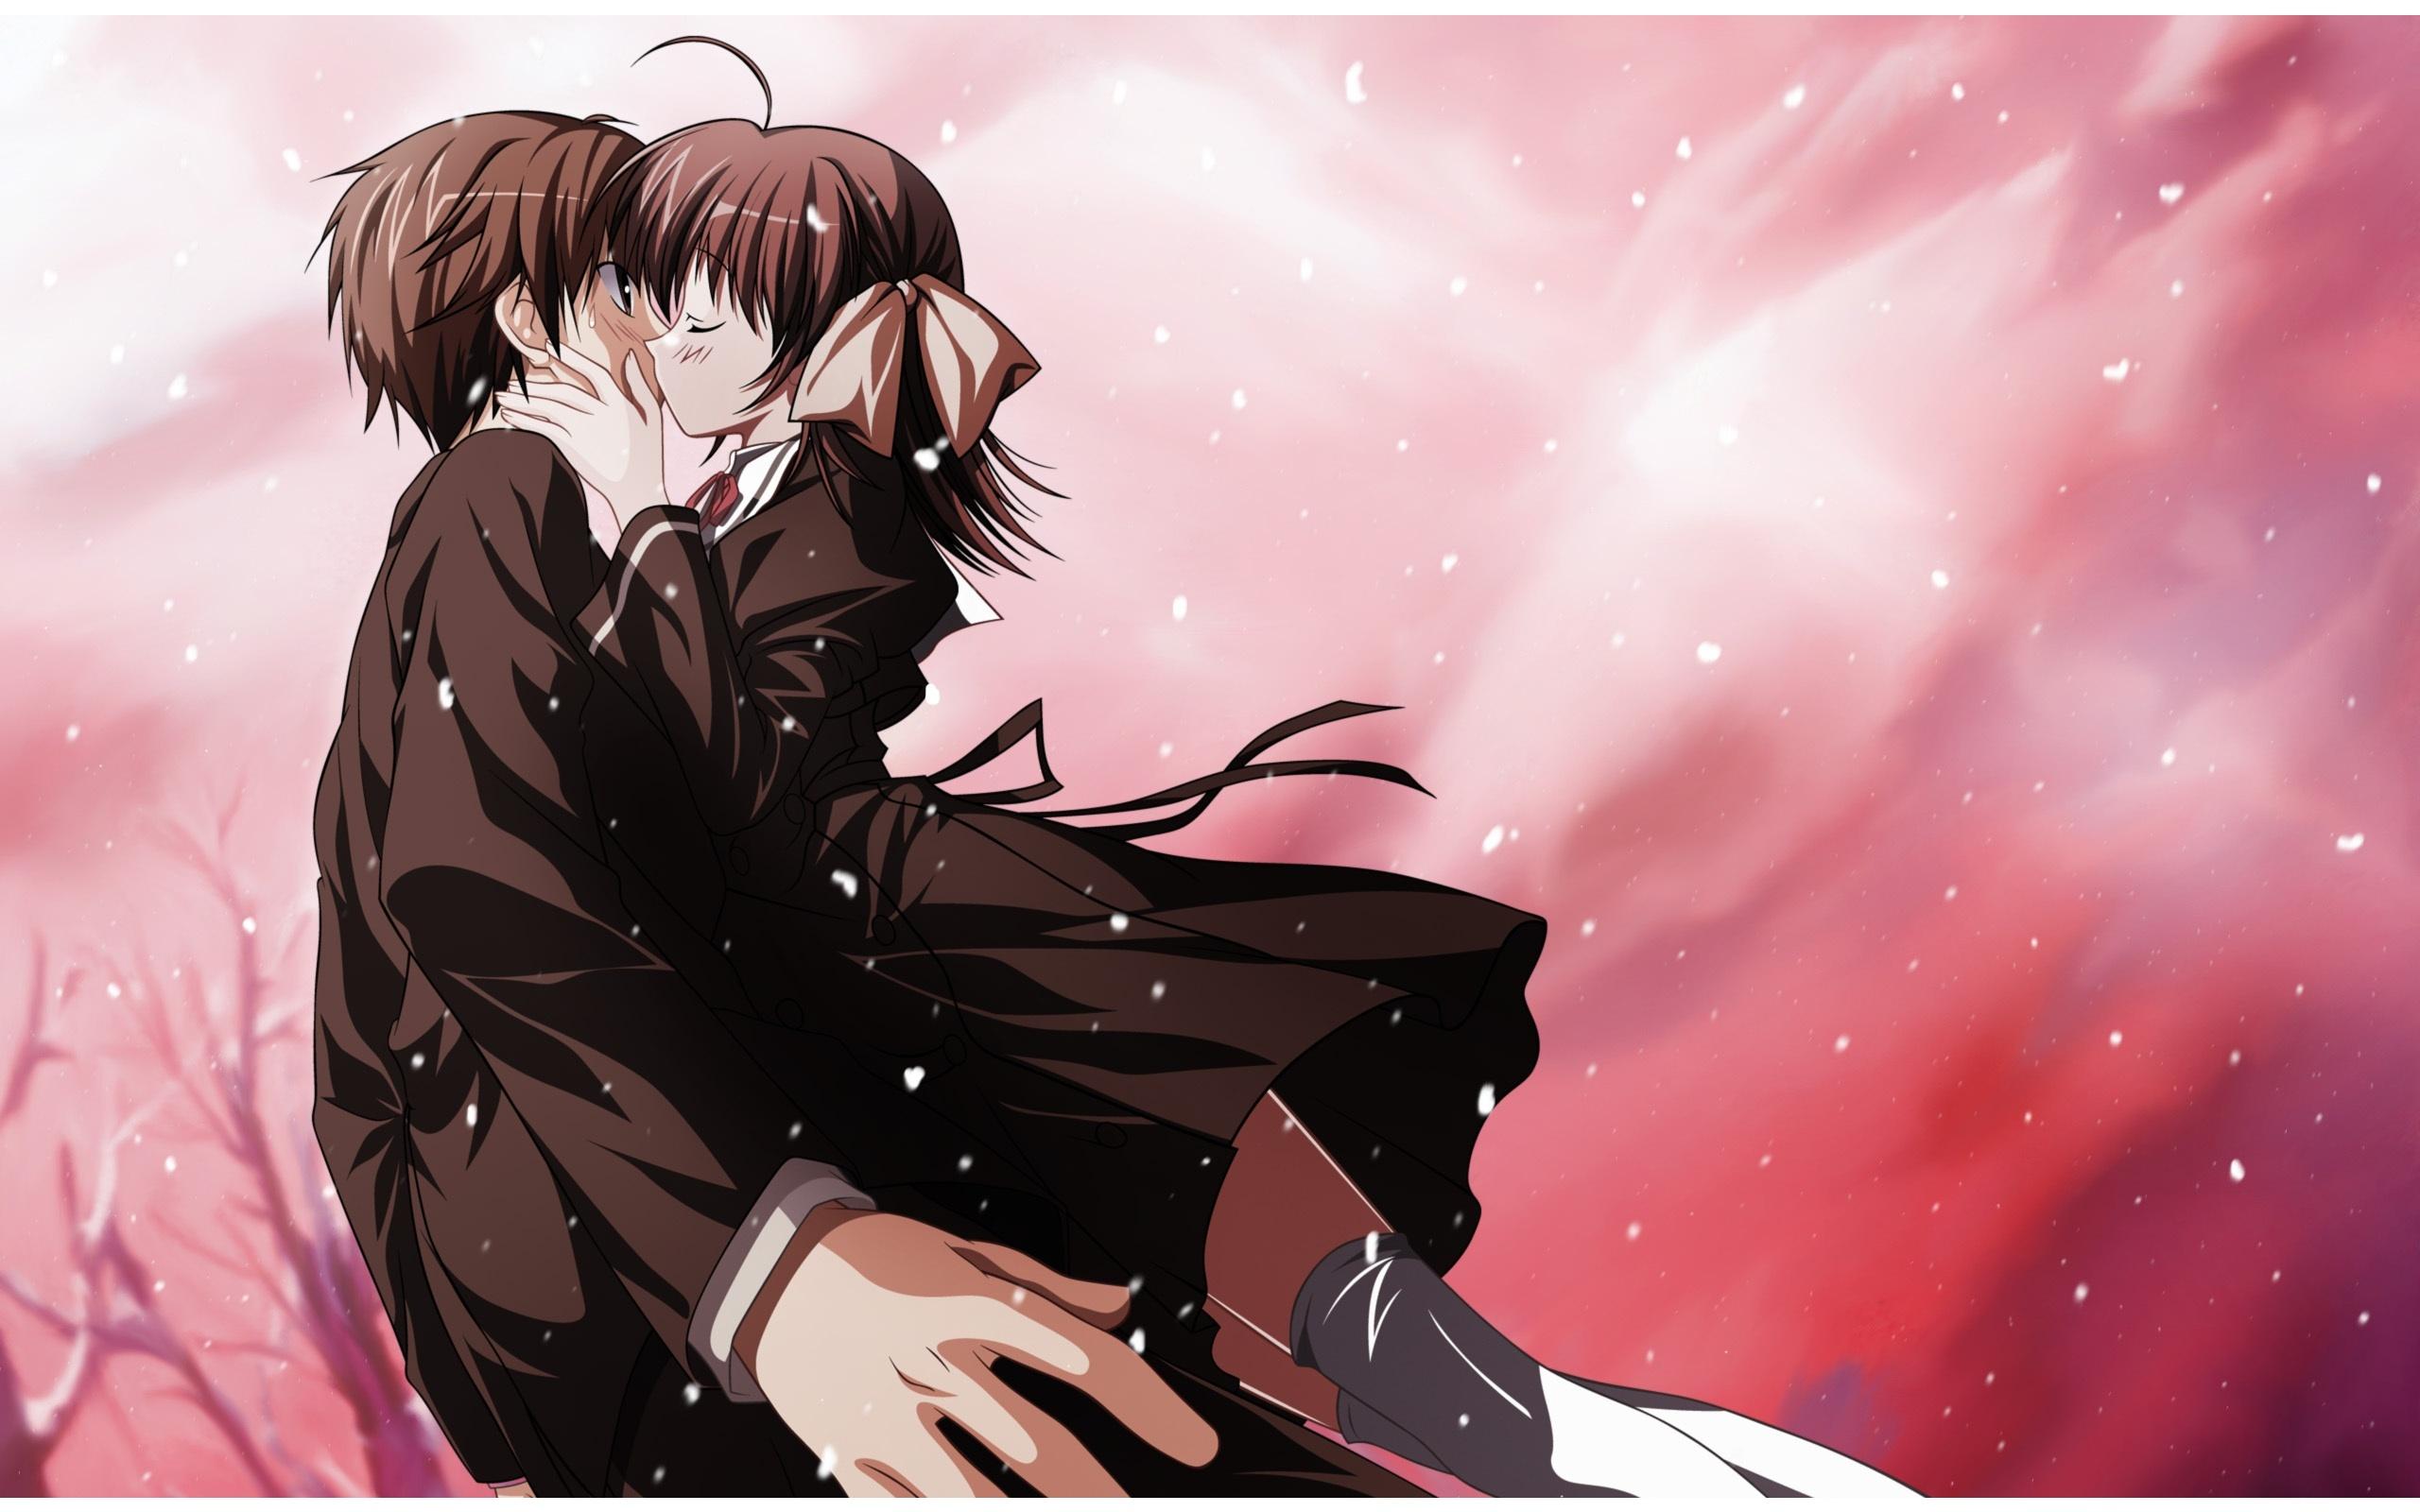 Anime Kissing Wallpaper Wallpapersafari